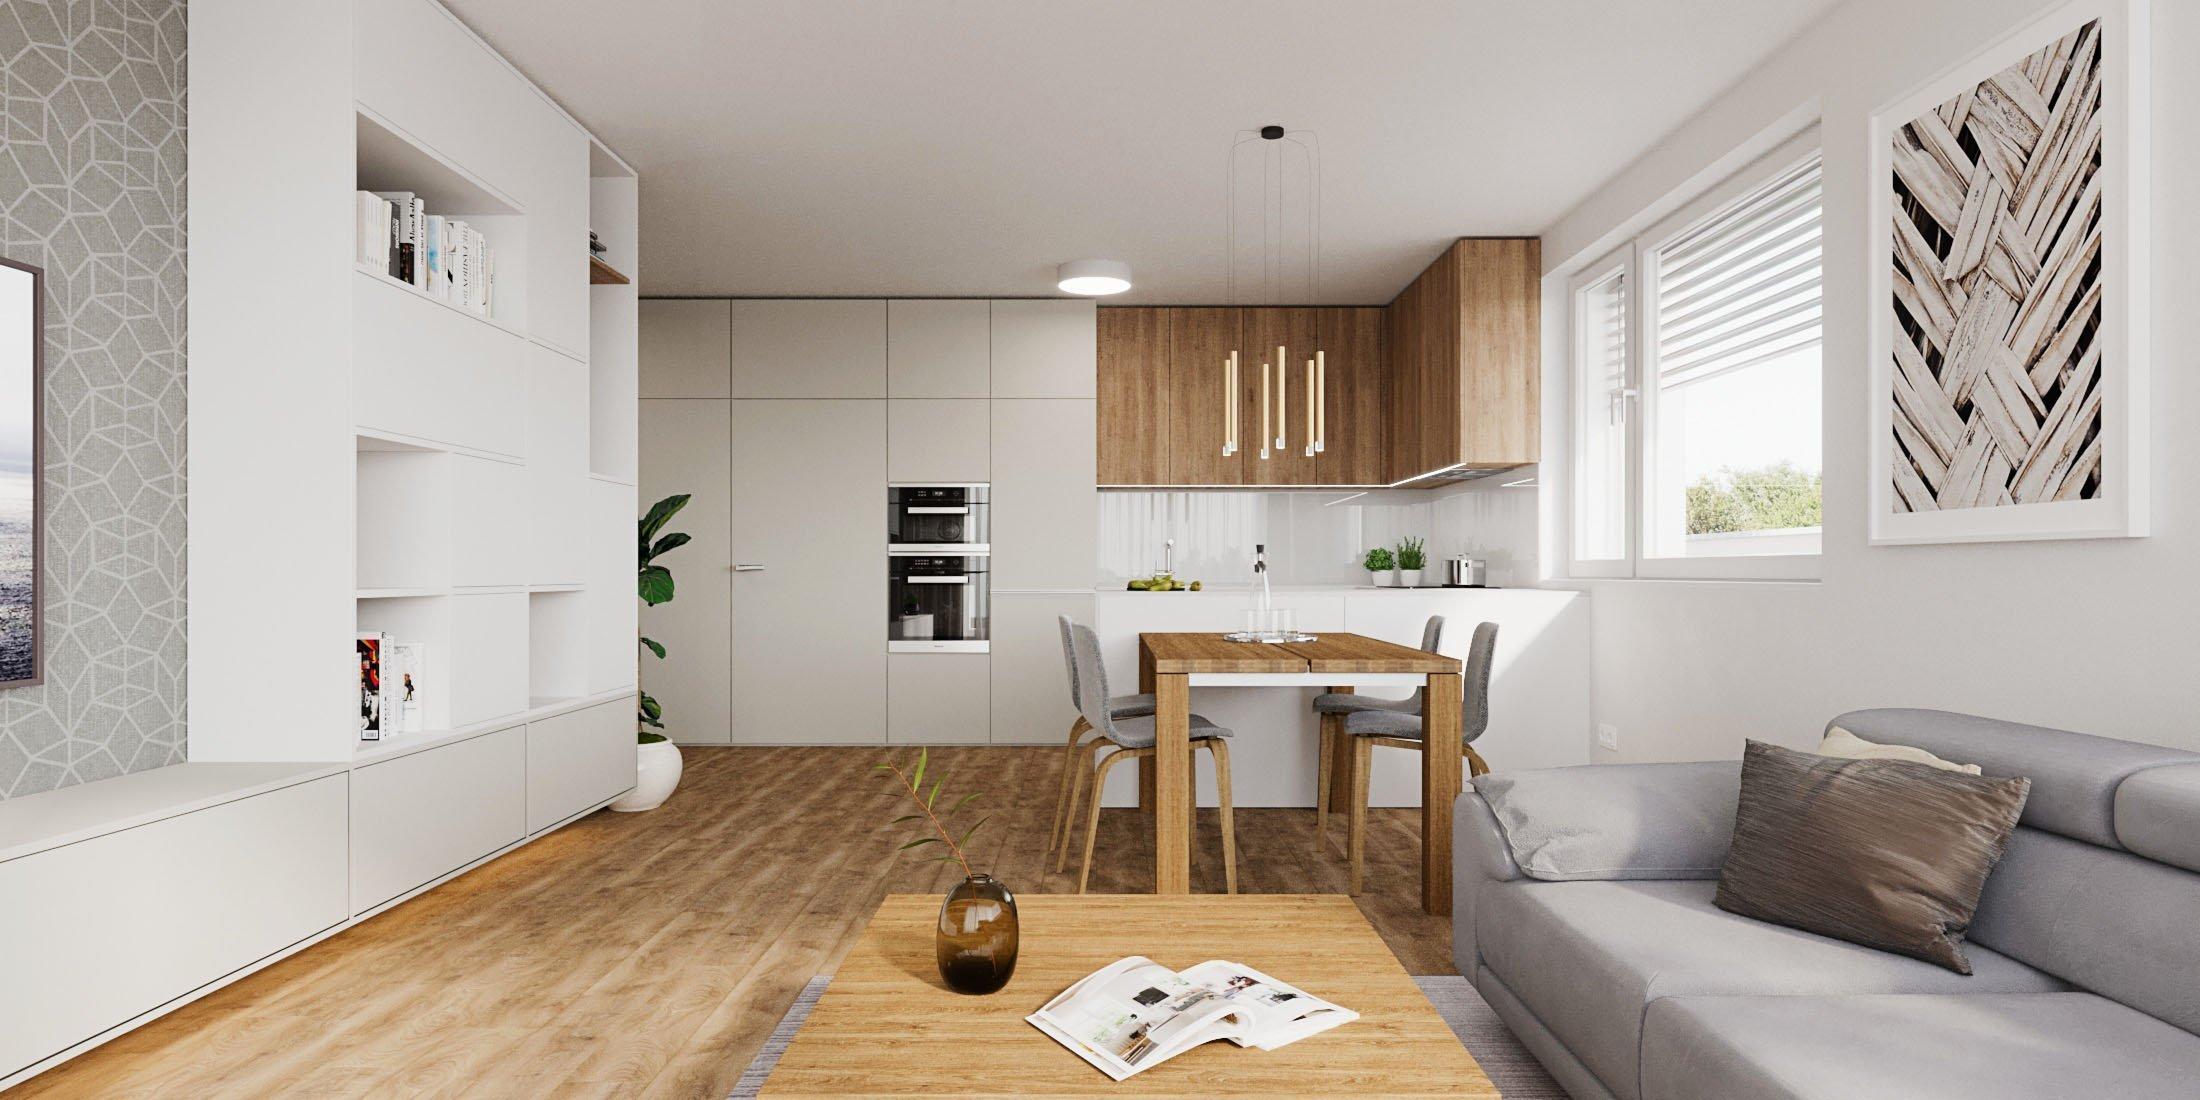 V dennej zóne dominuje drevo v kontraste s bielou pričom harmóniu farieb dopĺňa sivá tapeta a textília. Zaujímavosťou je TV Samsung Frame ktorá zároveň slúžia…